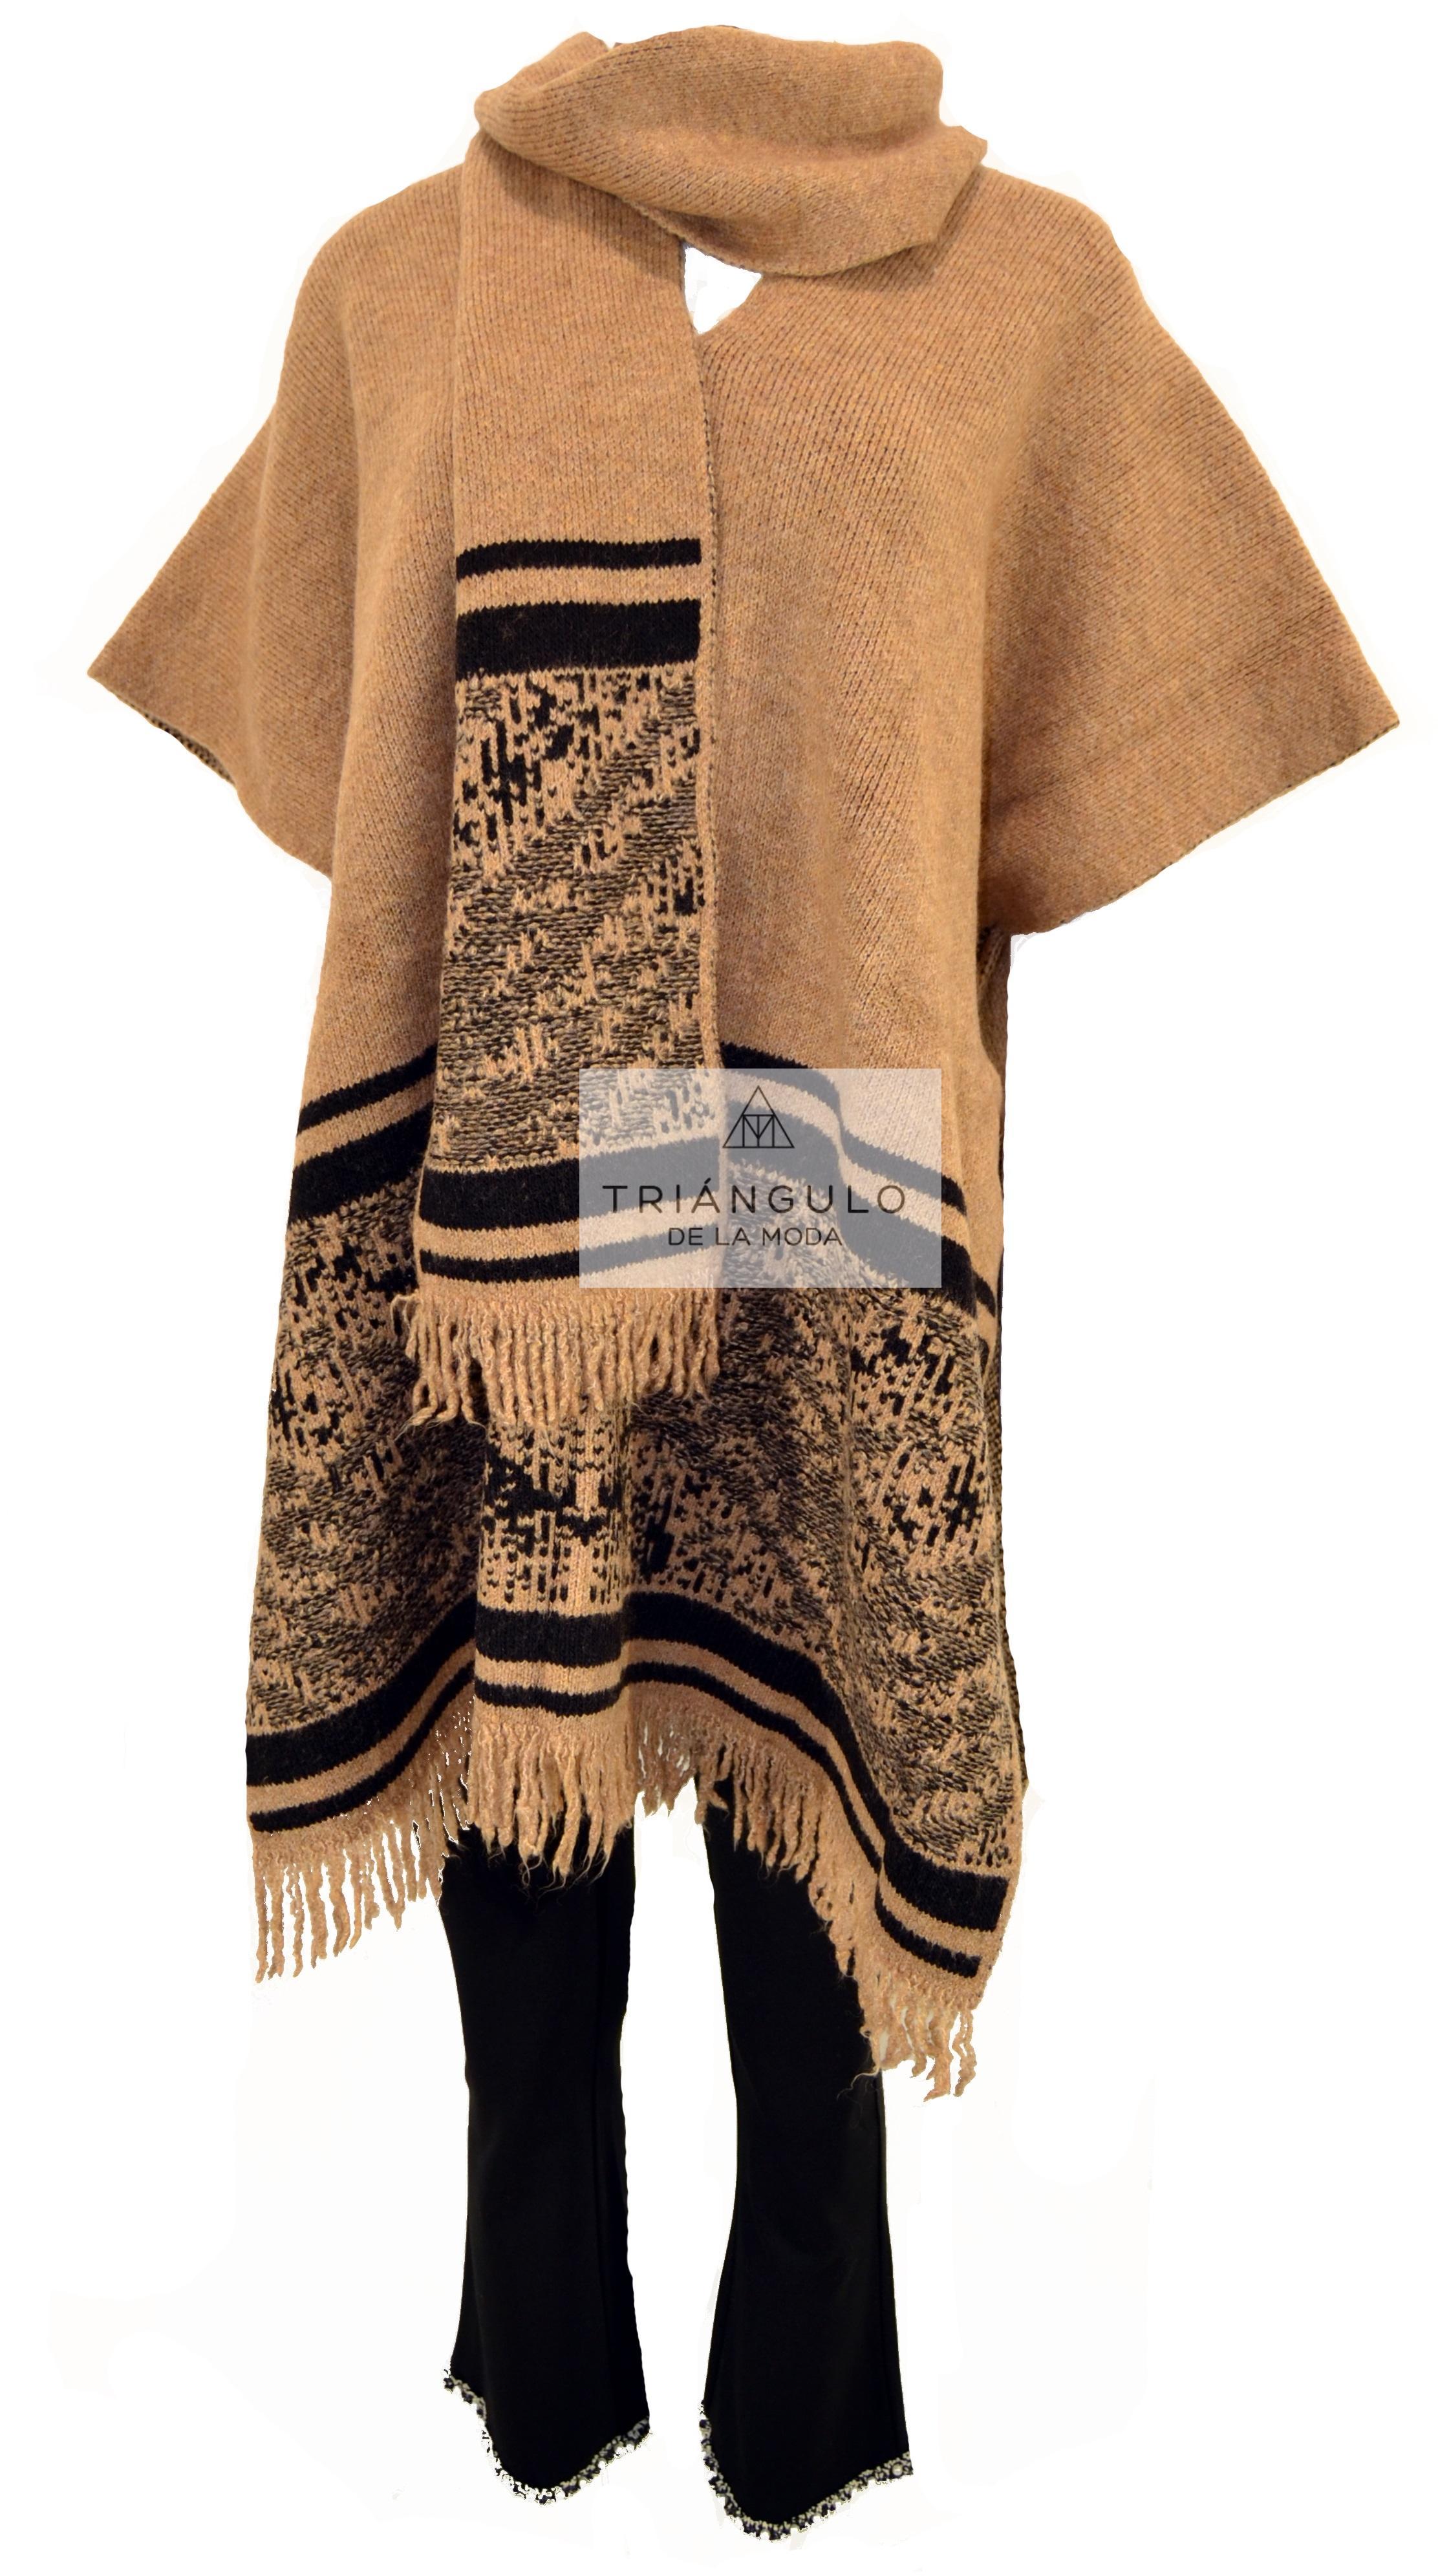 Tienda online del Triangulo de la Moda PONCHO CON BUFANDA